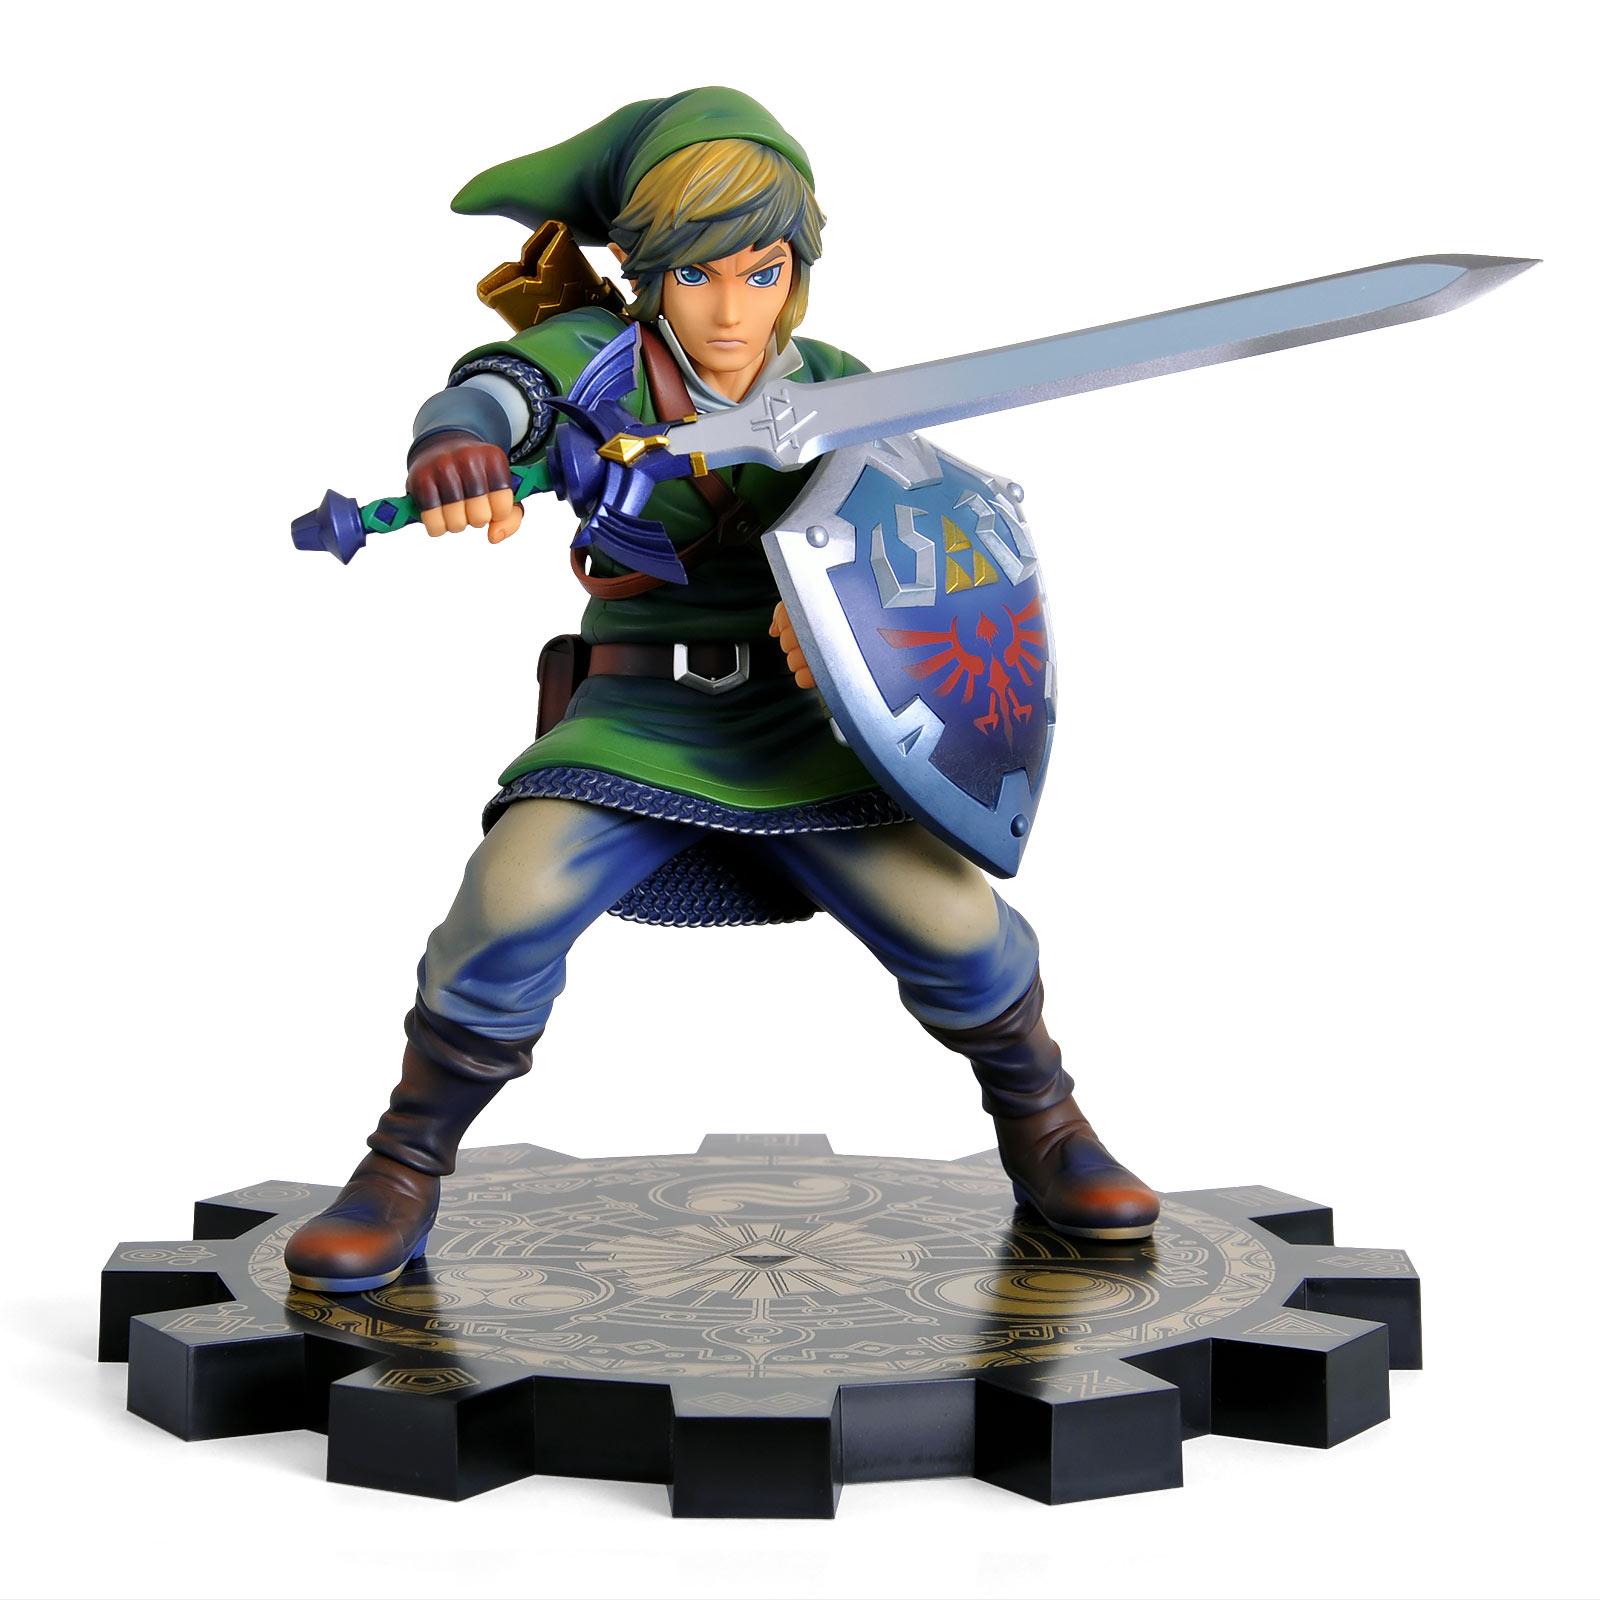 Zelda - Link Skyward Sword Deluxe Statue 20 cm